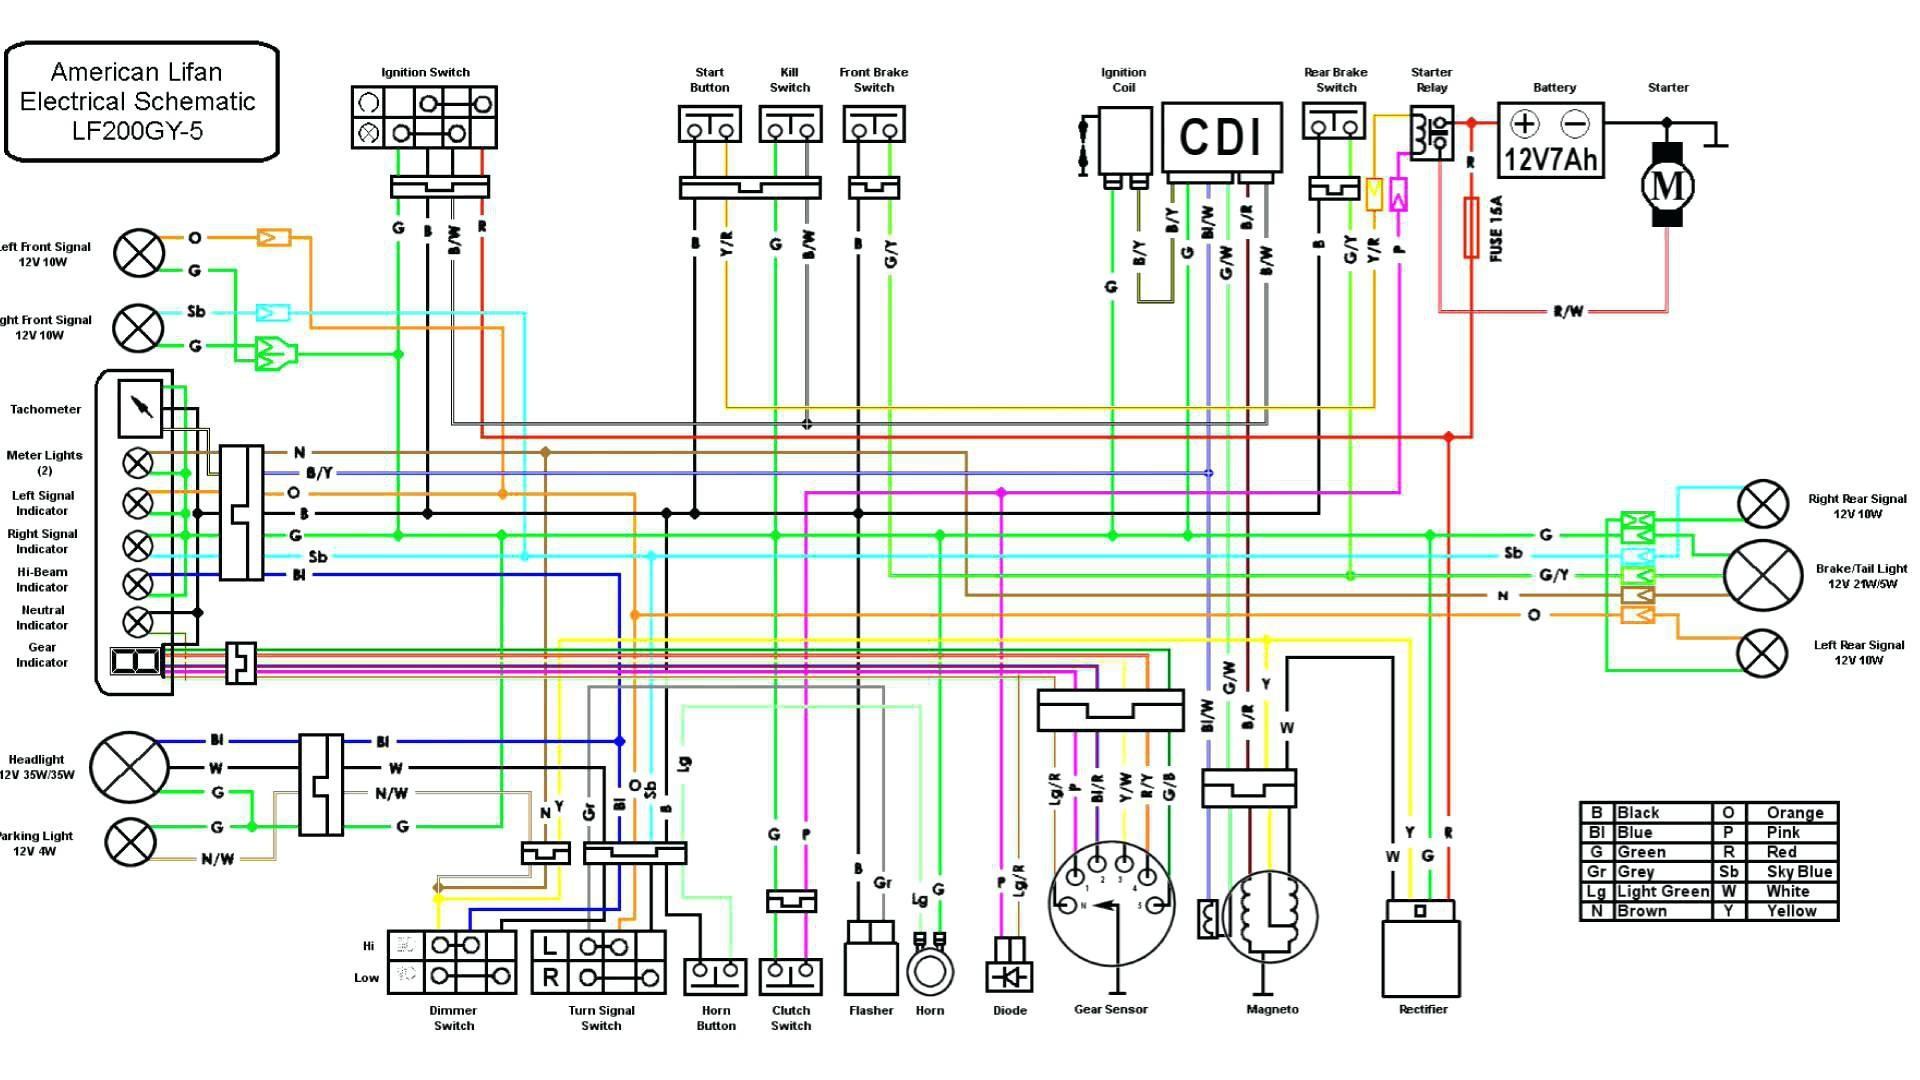 Pioneer Avh 270bt Wiring Diagram Luxury Pioneer Avh 270bt Wire Harness Diagram Wiring Diagram